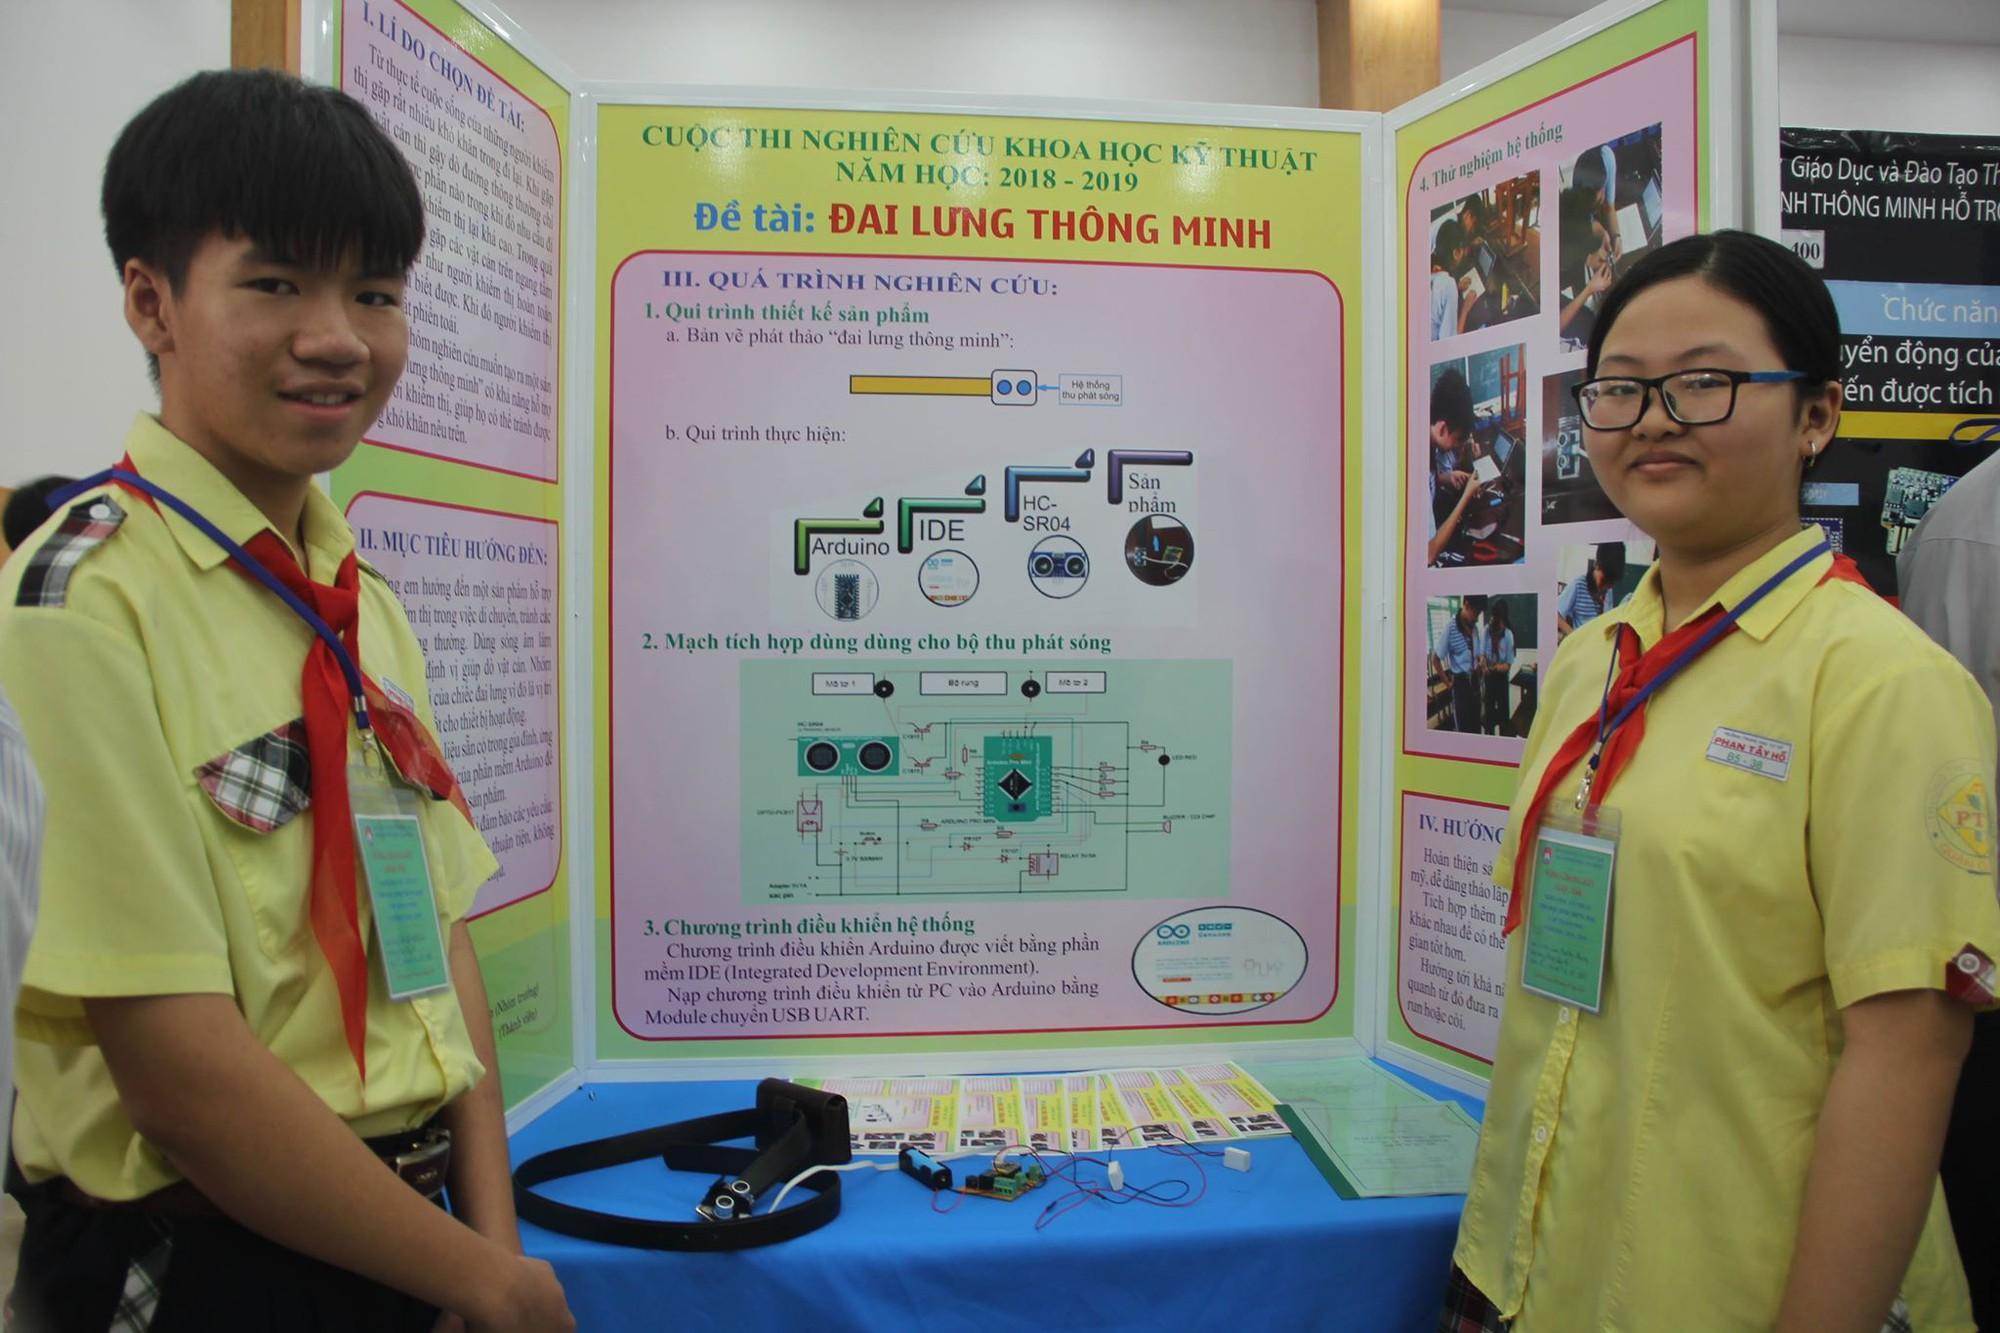 Hướng dẫn đăng ký dự thi Khoa học kỹ thuật